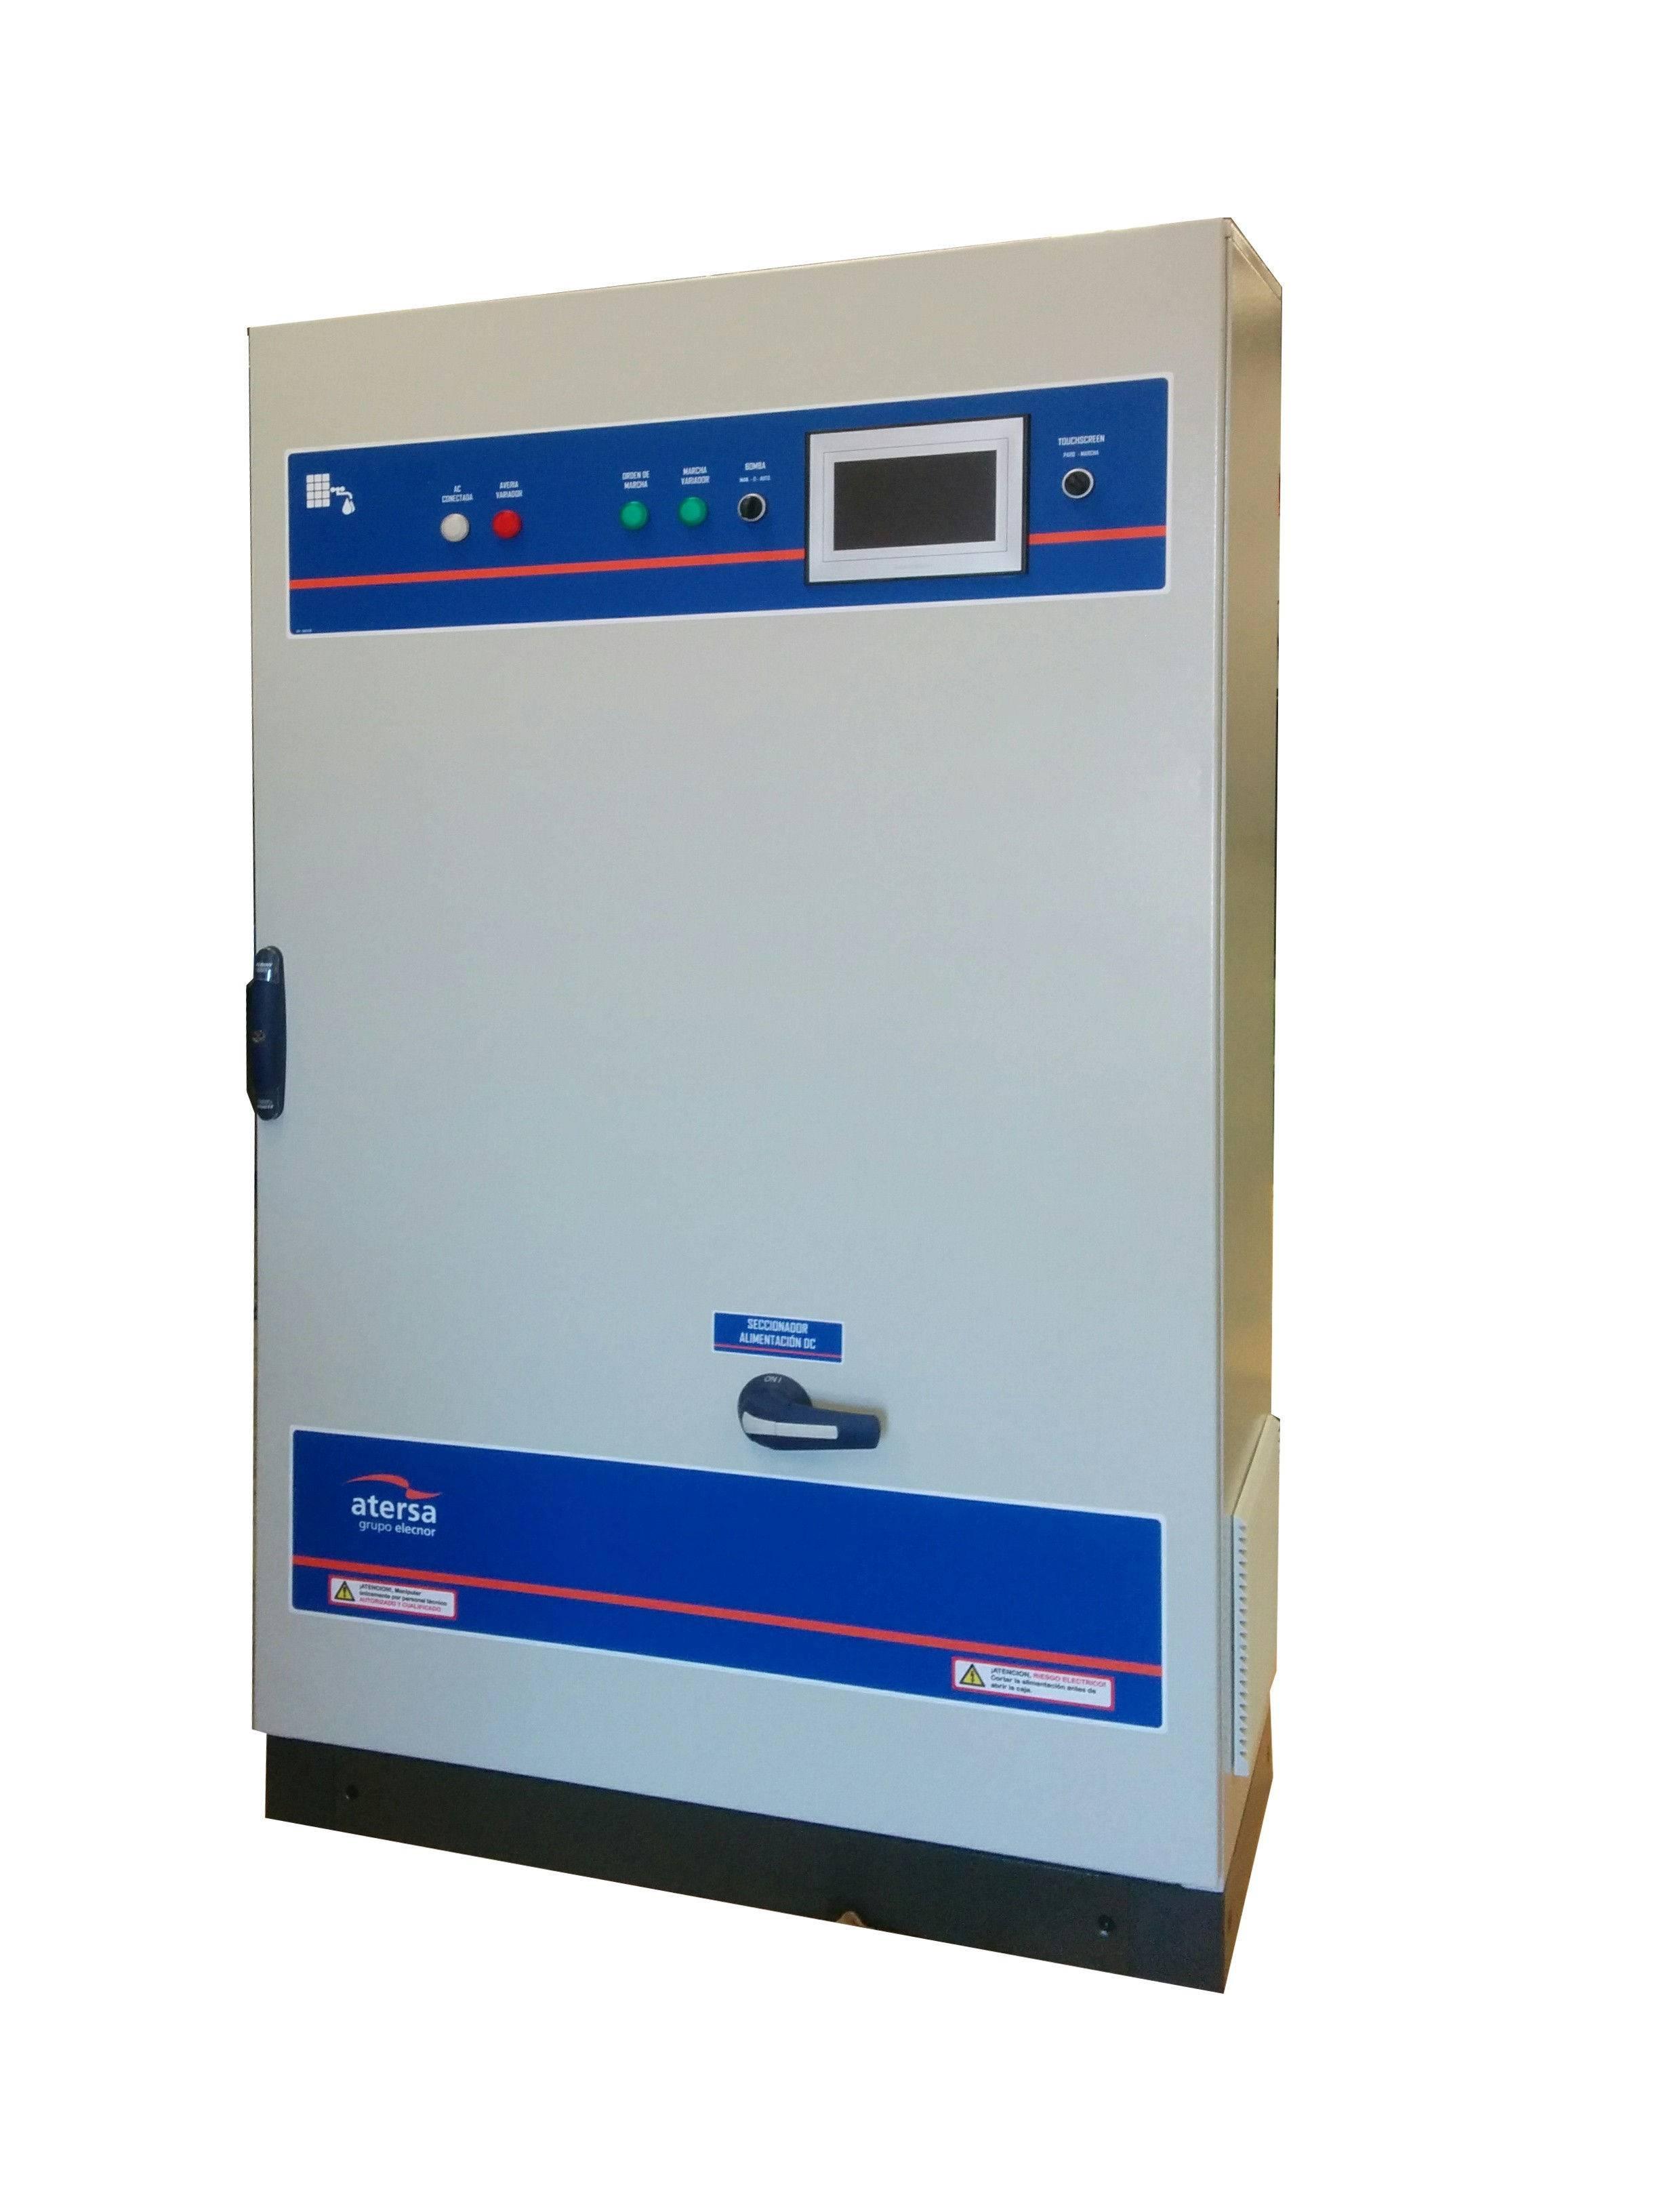 Bombeo ESP 55/400 55kW 400V IP54 en armario con Display y filtros ACR y DCR + PUESTA EN MARCHA